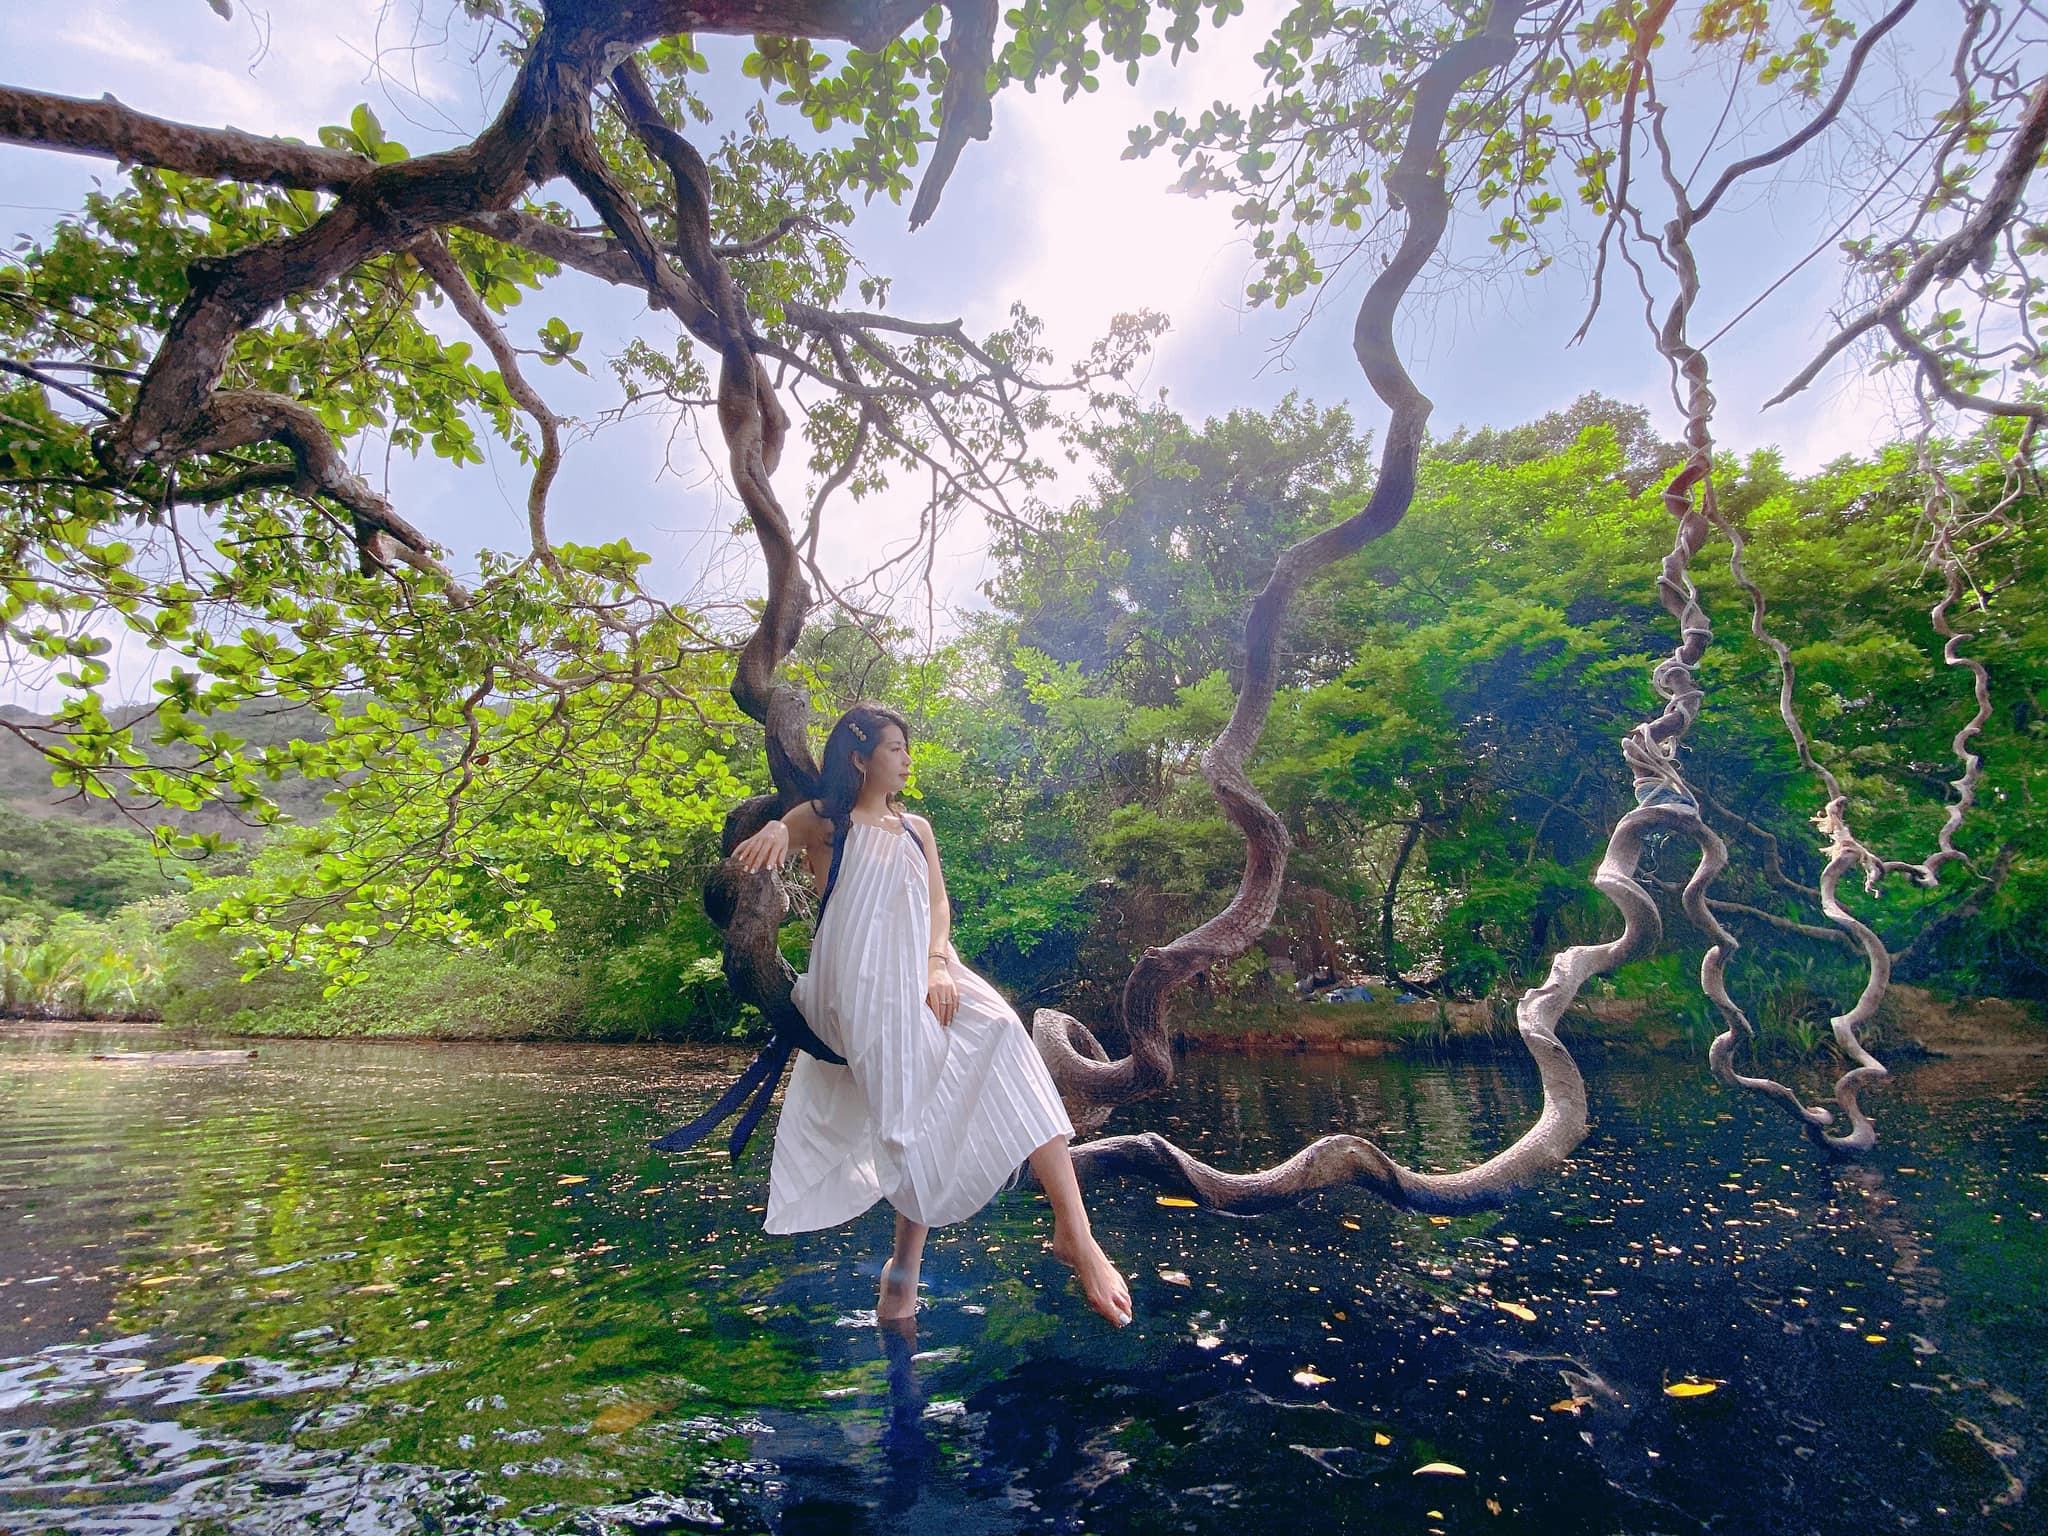 Những góc sống ảo siêu đẹp của Côn Đảo. Hình: Trần H.Vân